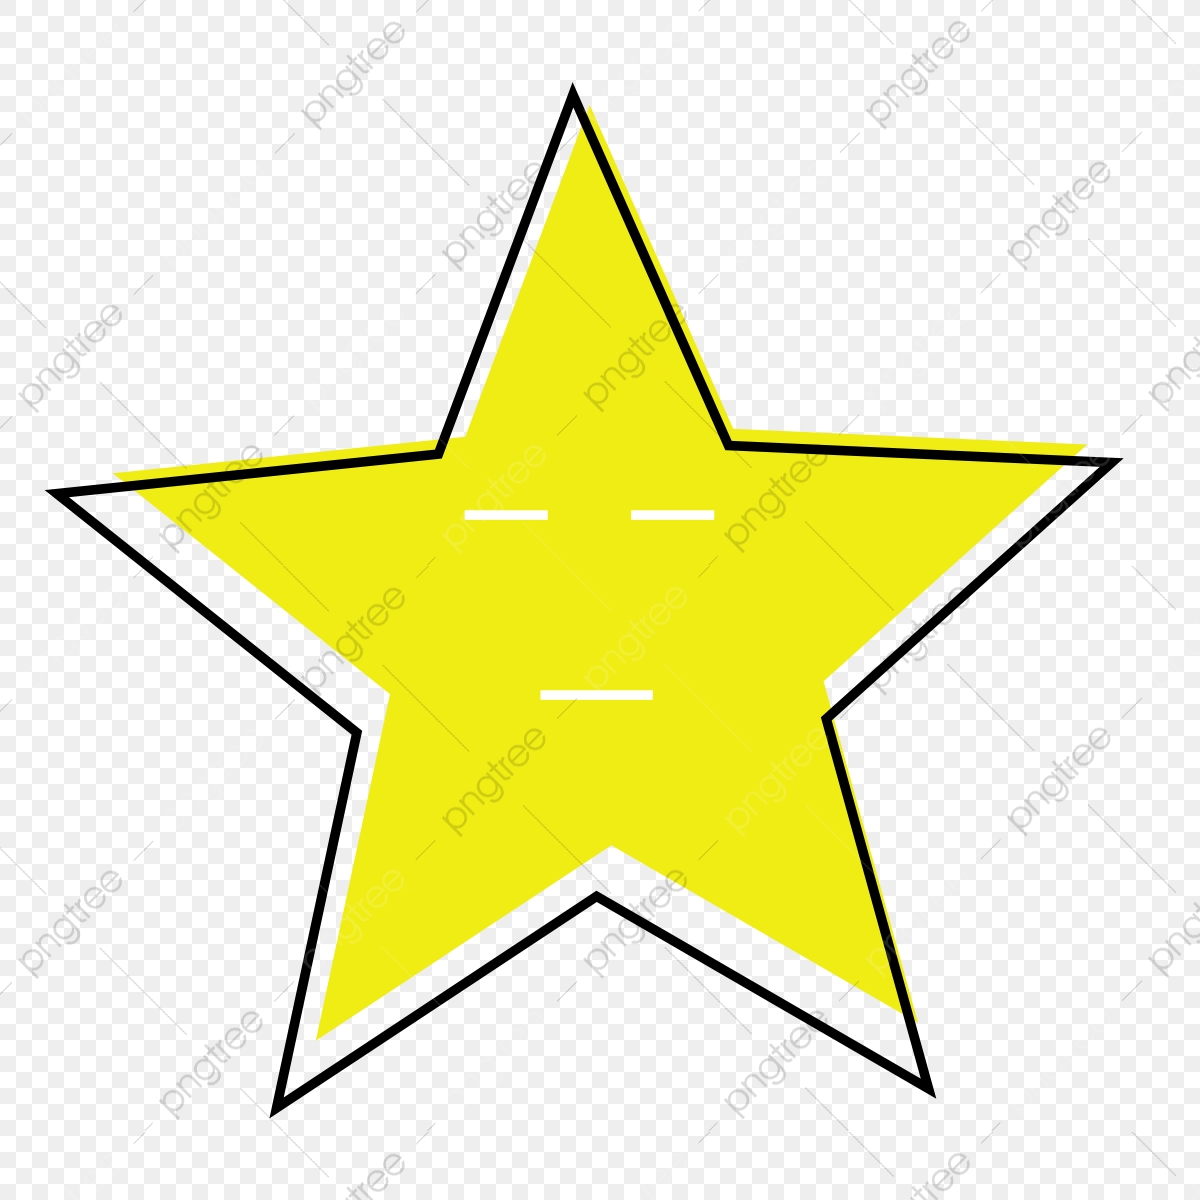 نجوم غير منتظمة قصاصة فنية الصندوق الأسود التعبير نجمة Png وملف Psd للتحميل مجانا